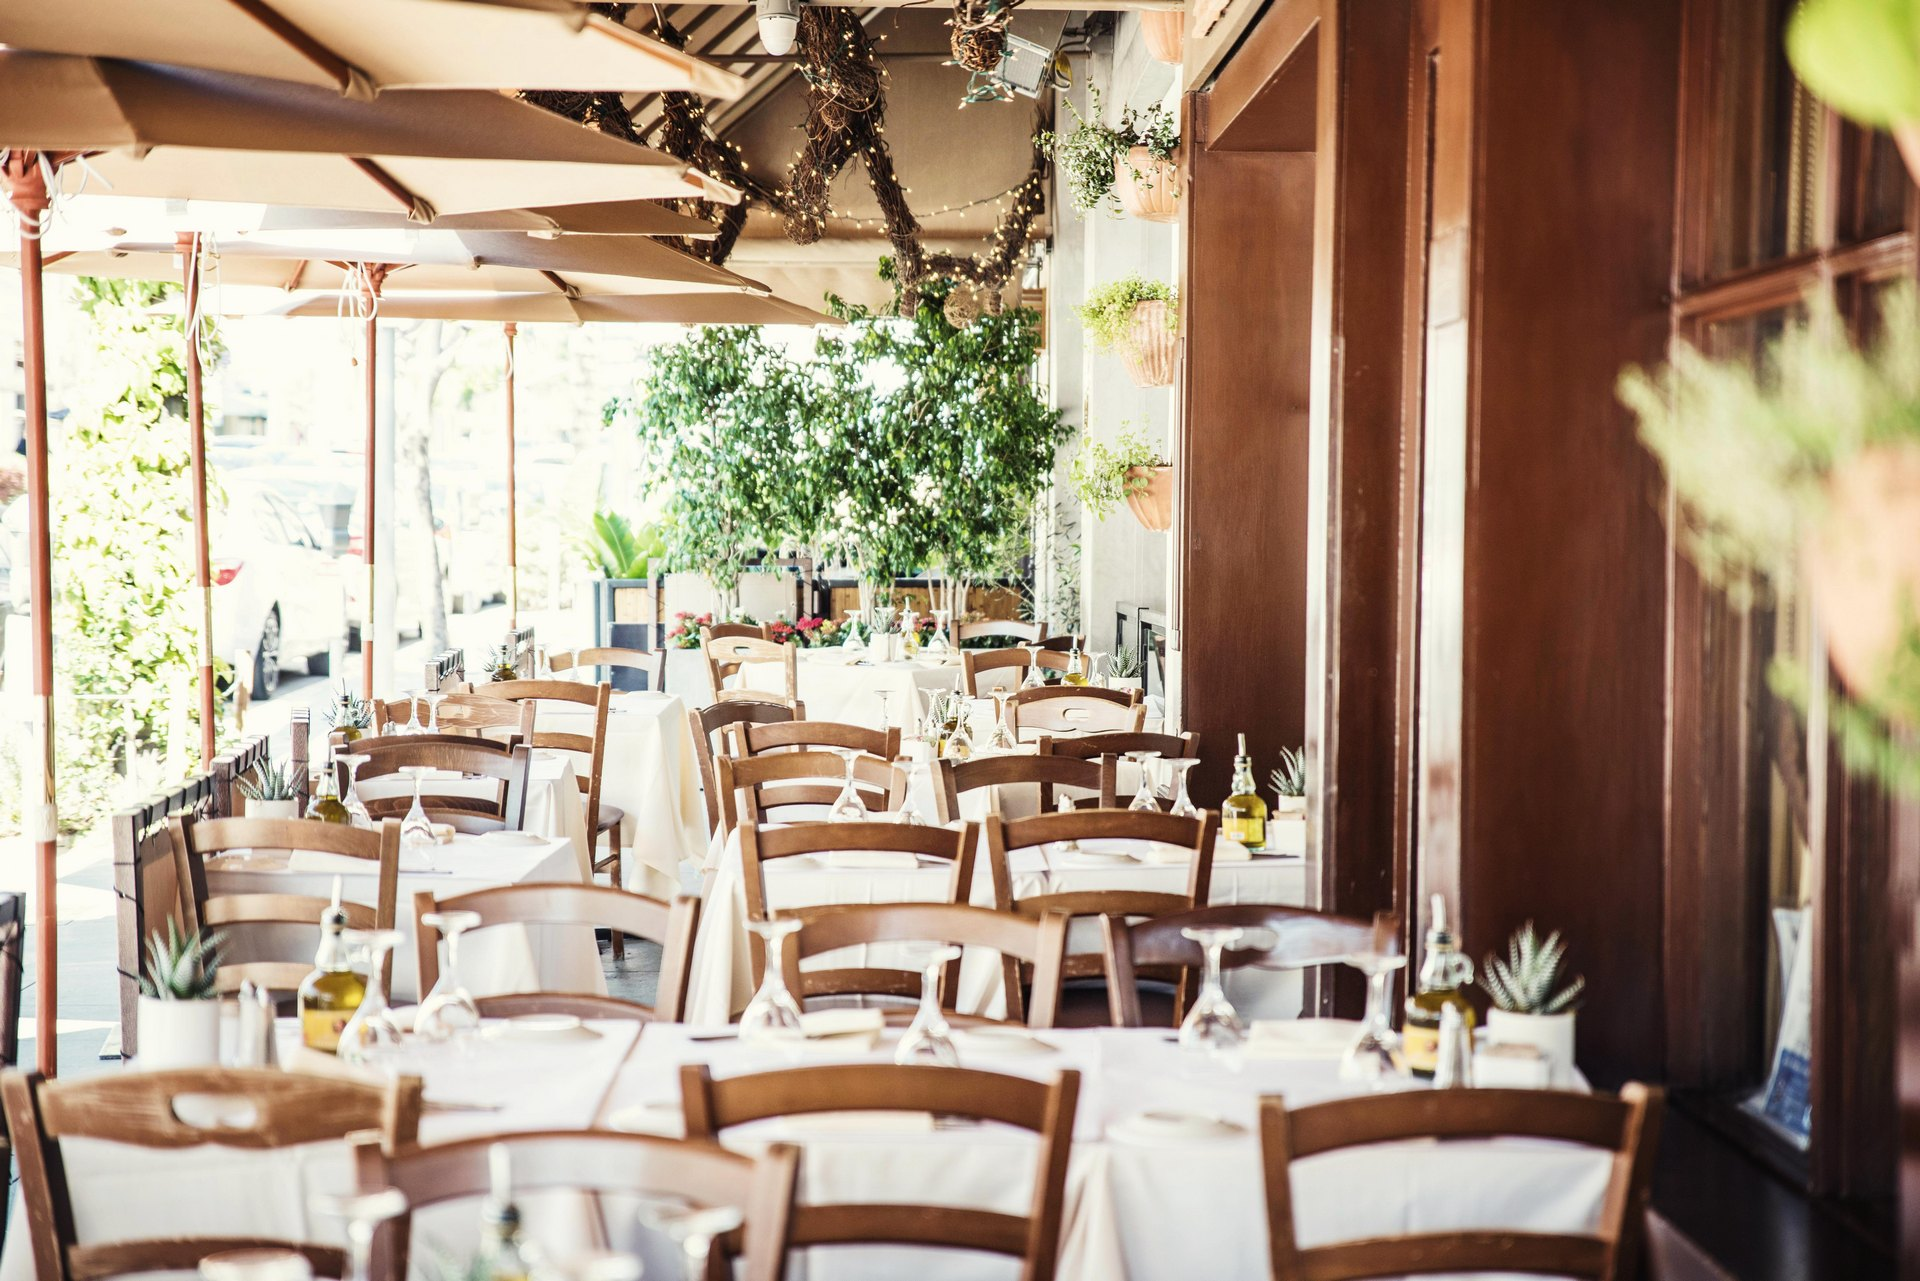 Il Pastaio Restaurant | Outside Patio-611959885